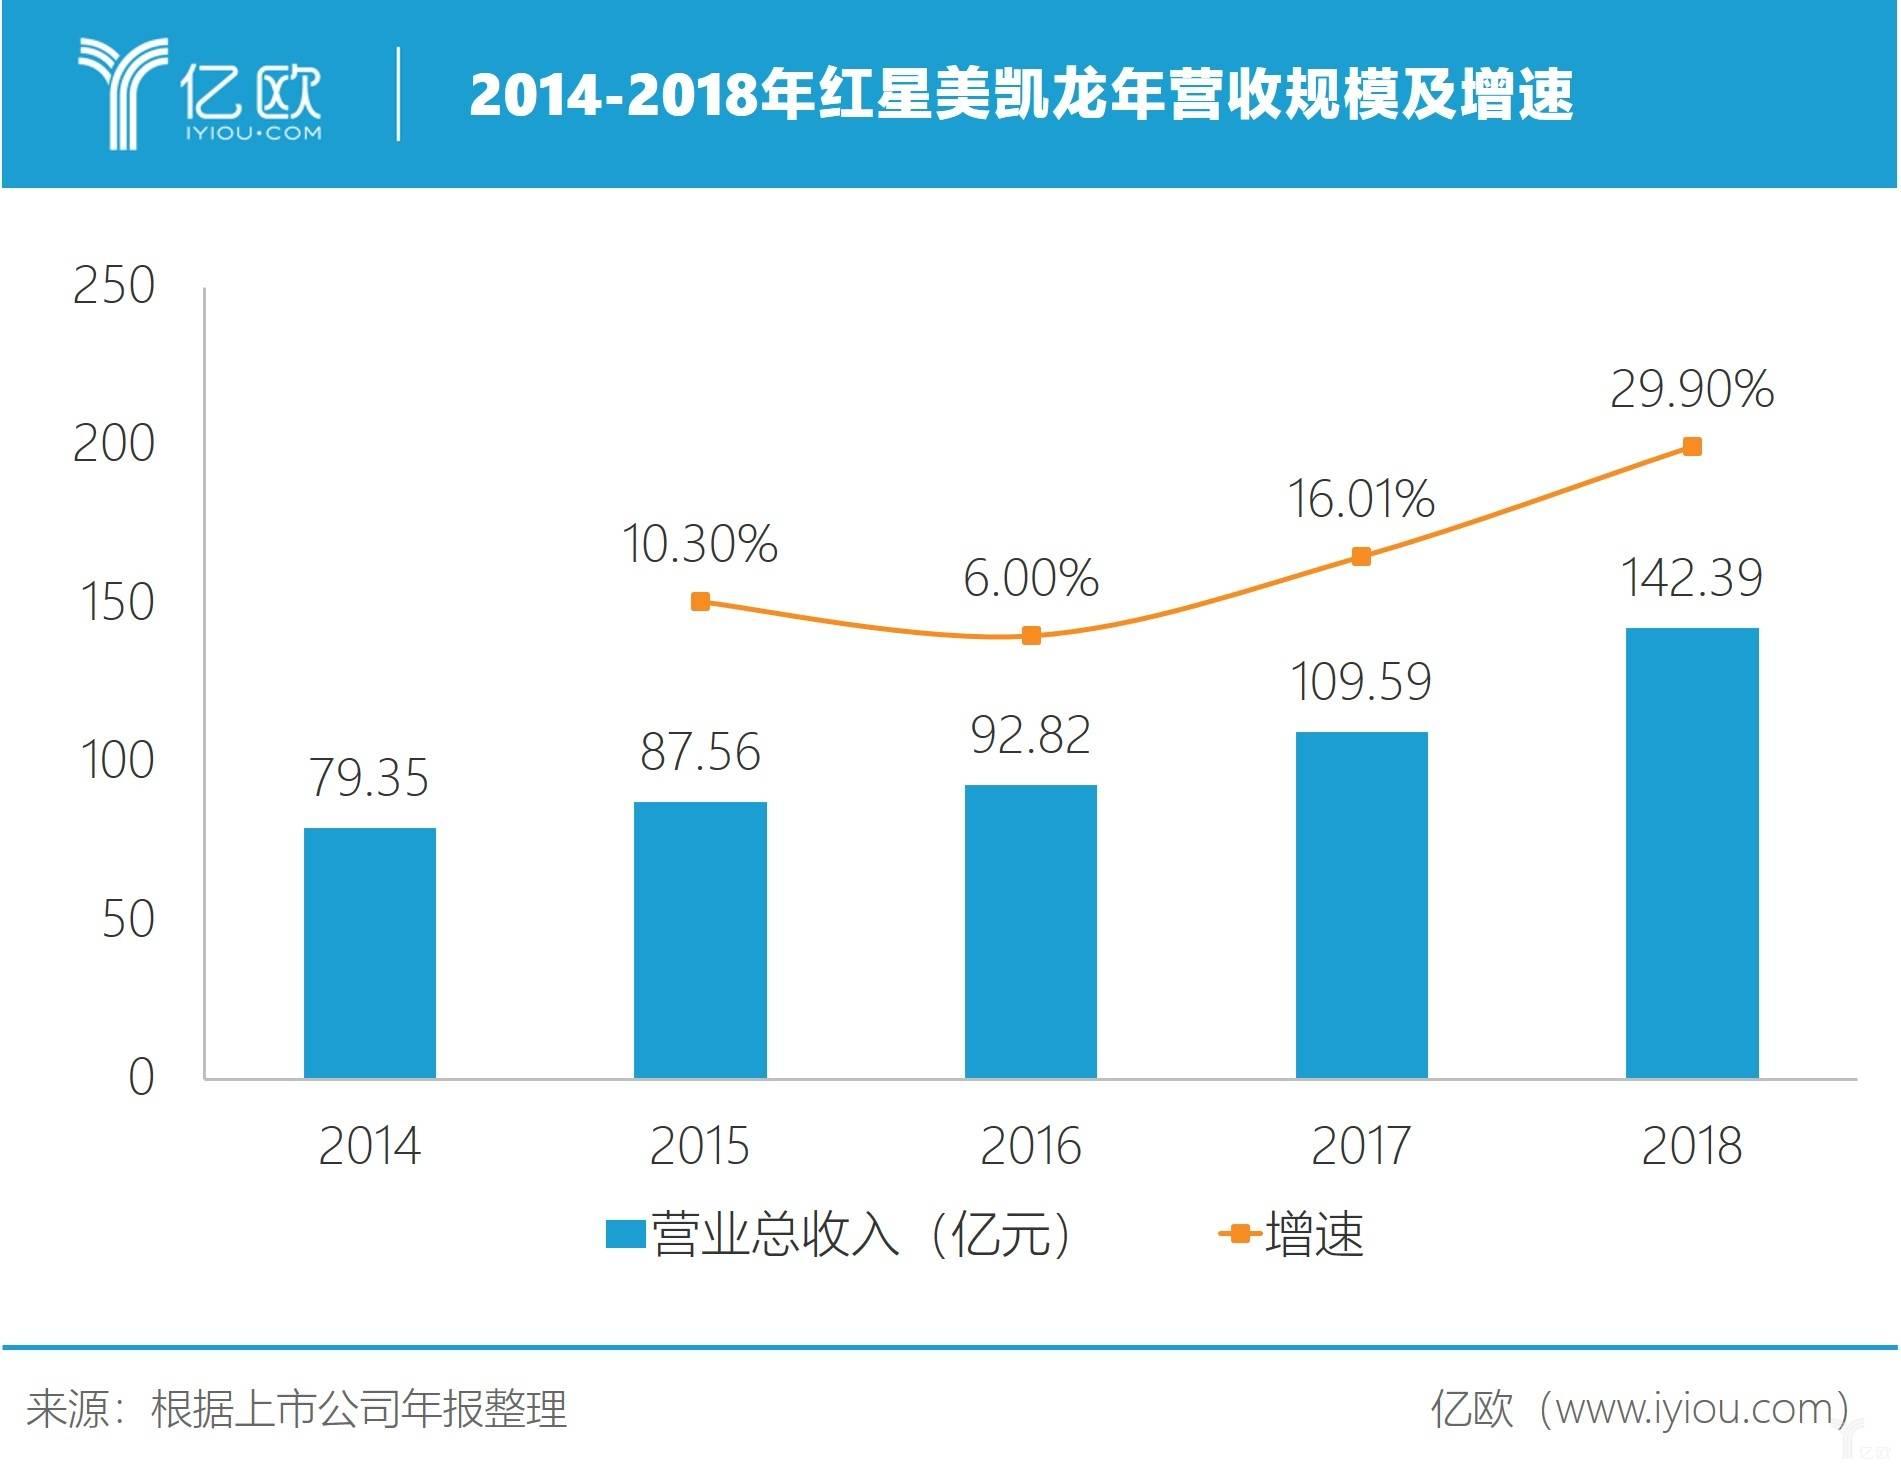 2014-2018年红星美凯龙年营收规模及增速